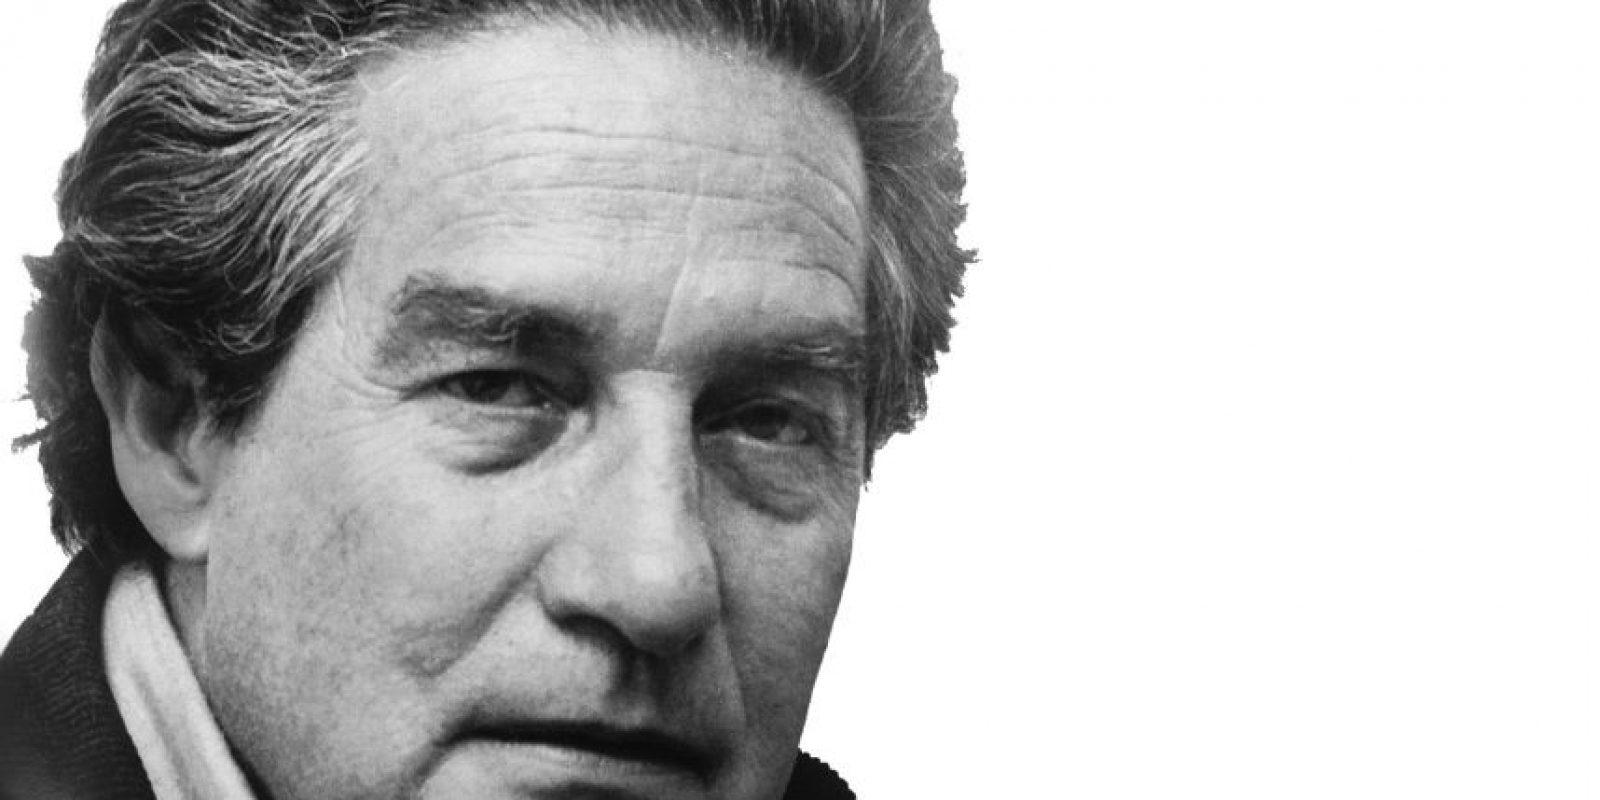 Octavio Paz (1914-1998). Poeta, escritor, ensayista y diplomático mexicano, es uno de los escritores más influyentes del siglo XX y uno de los grandes poetas hispanos de todos los tiempos. En 1990, ganó el Premio Nobel de Literatura. Algunos de sus poemas son Luna silvestre y ¡No pasarán! Foto:Fuente externa